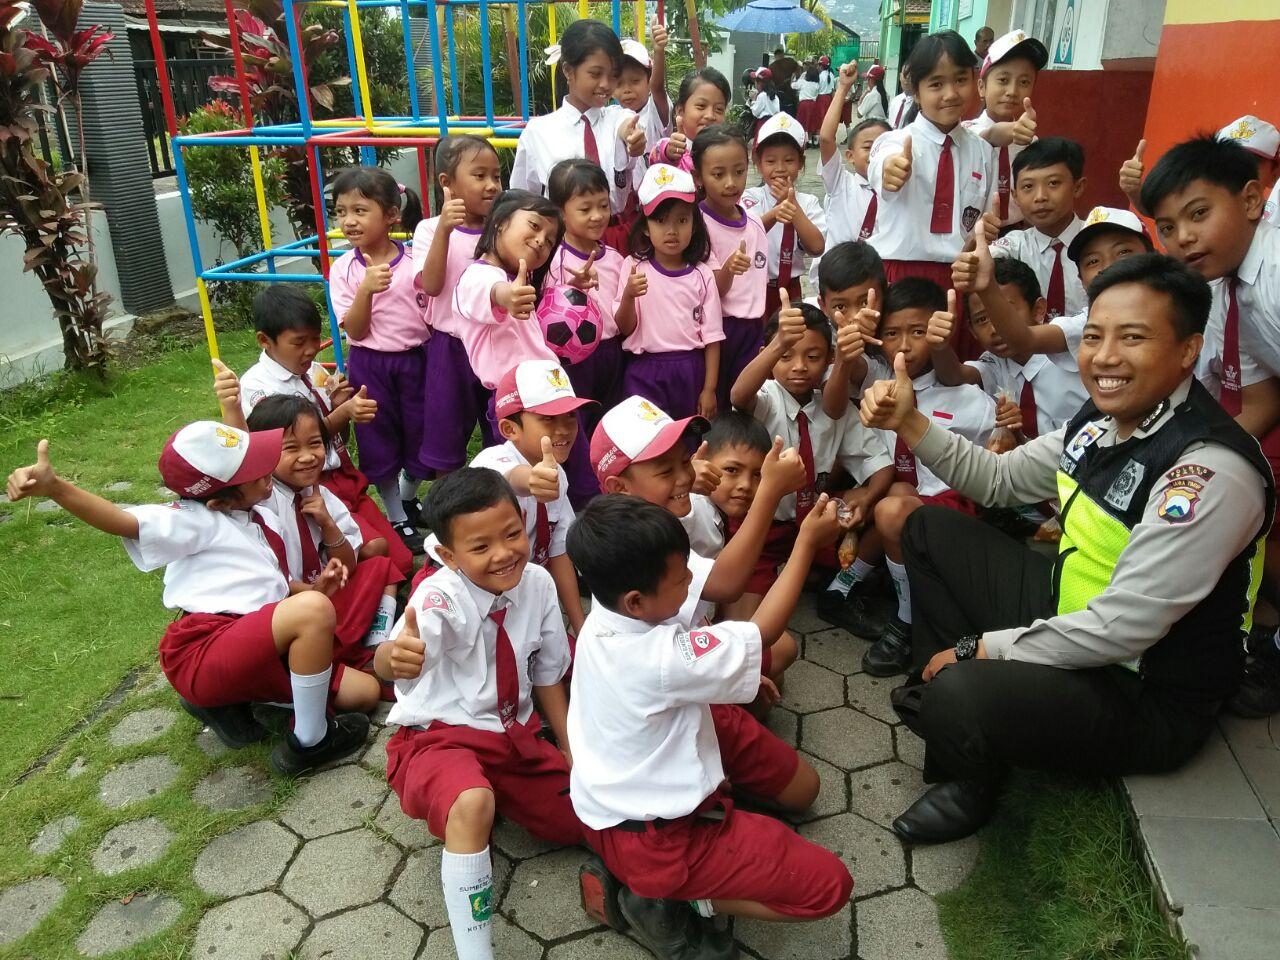 Polisi Sahabat Anak Bhabinkamtibmas Polsek Batu Kota Sambang SD Negeri Sisir 05